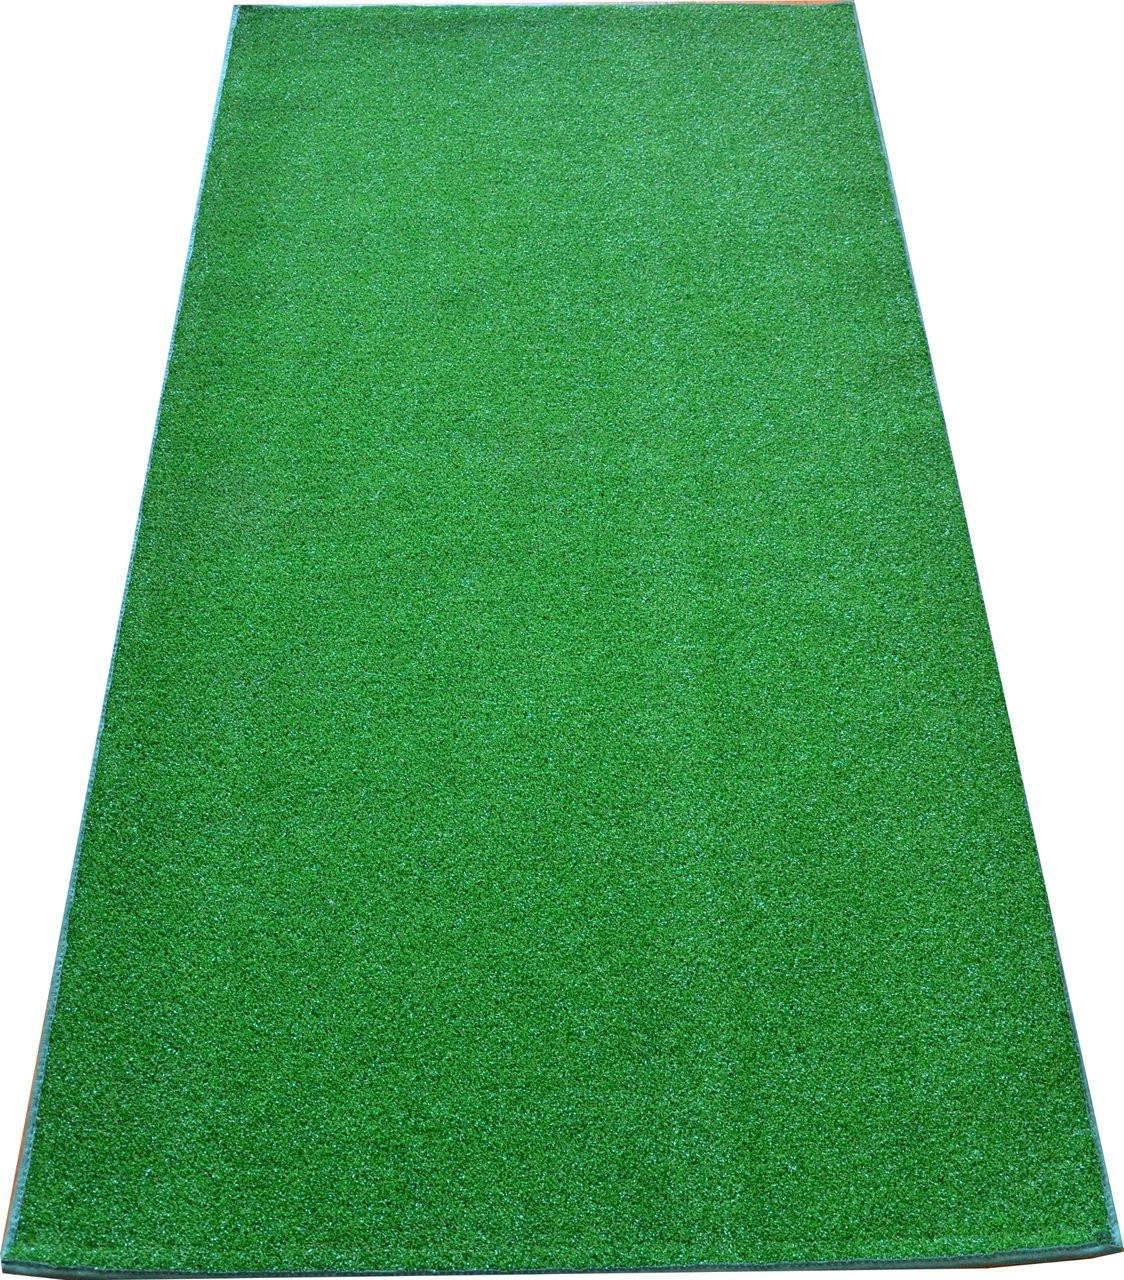 Dean Premium Heavy Duty Indoor Outdoor Green Artificial